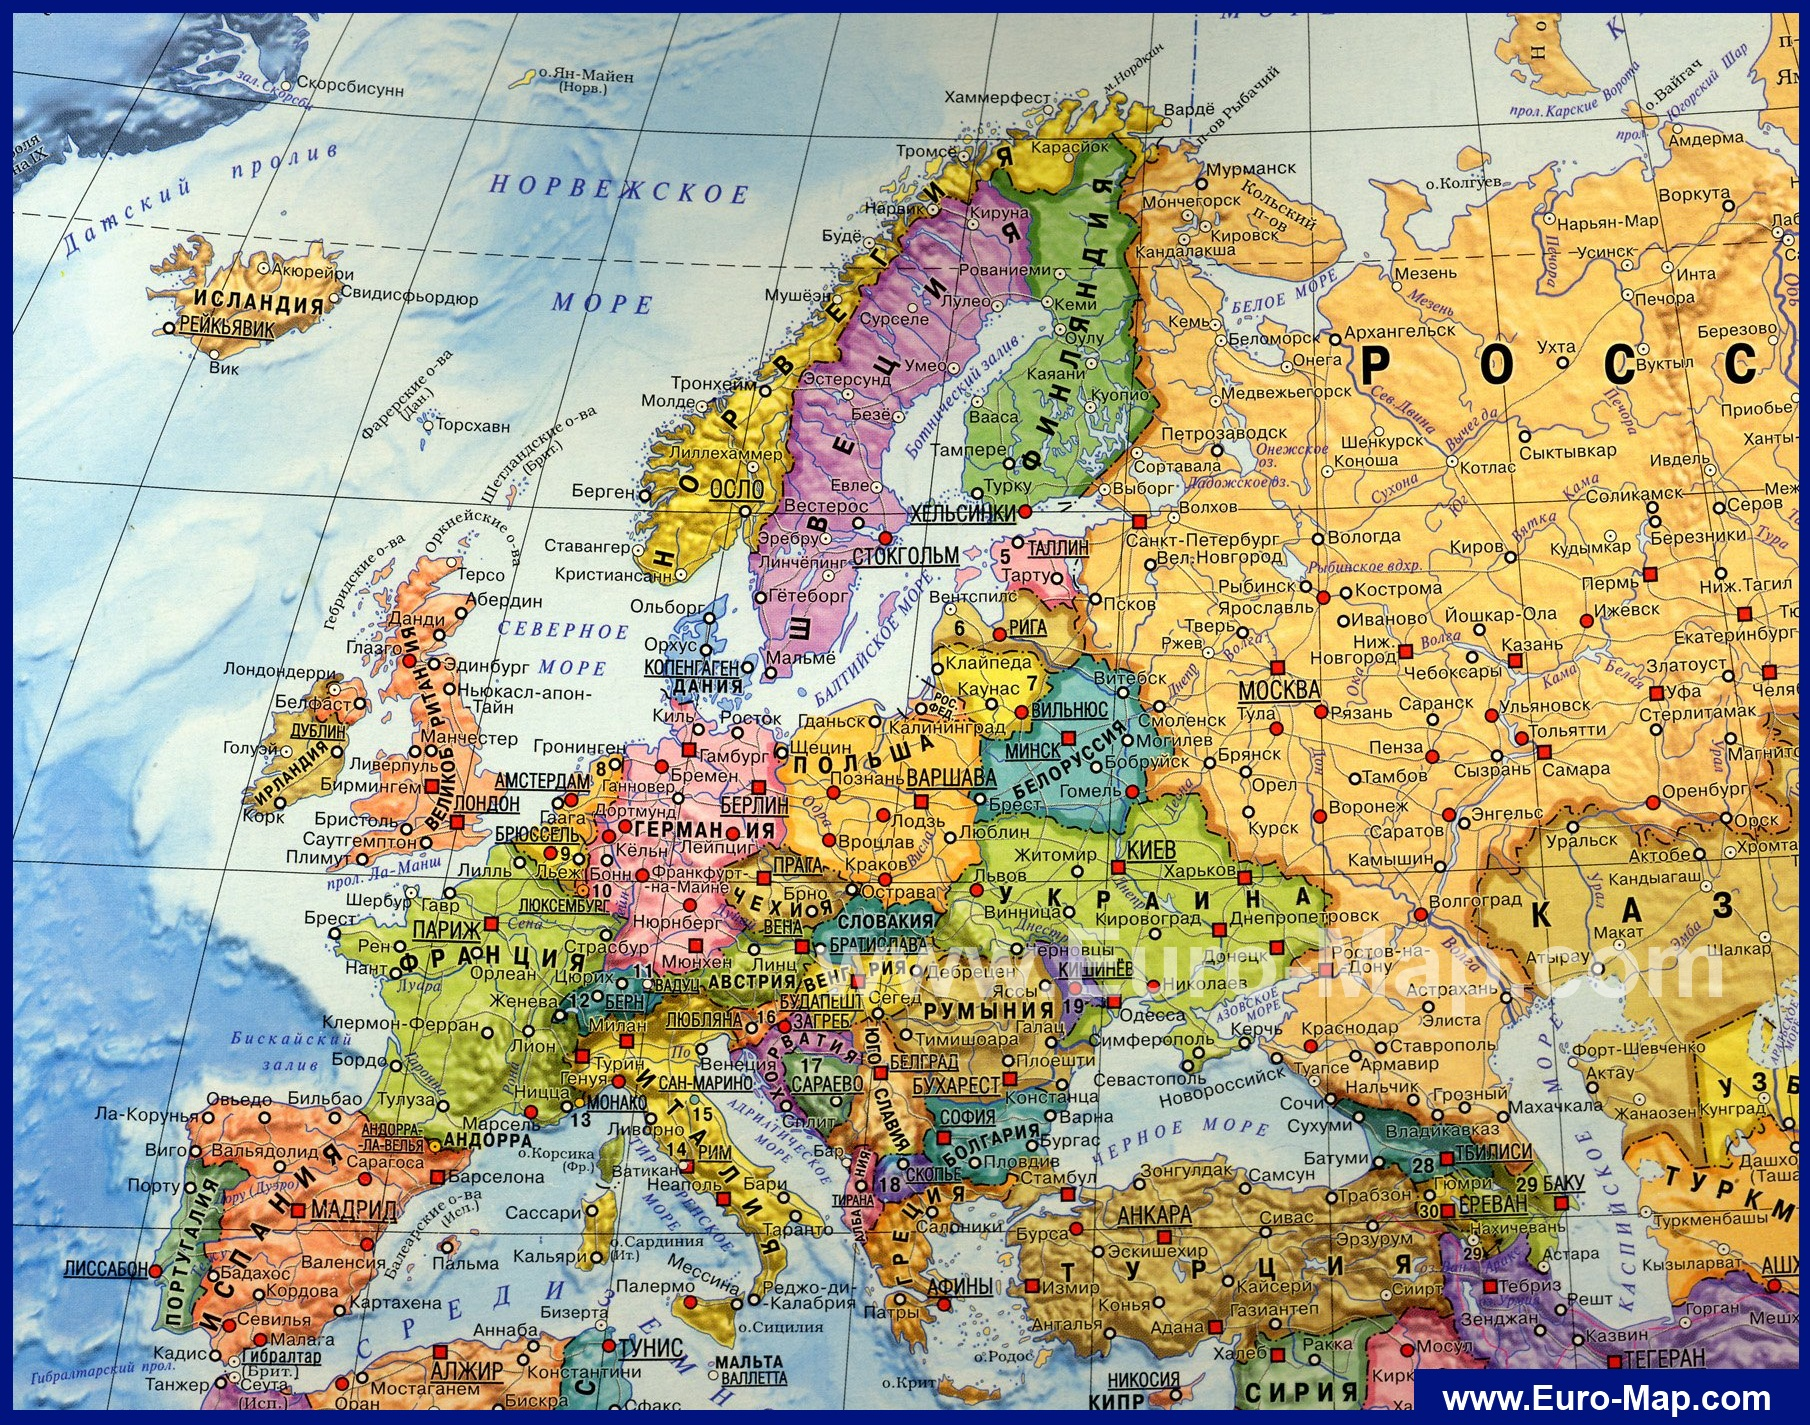 podrobnaya-karta-evropy-na-russkom-yazike